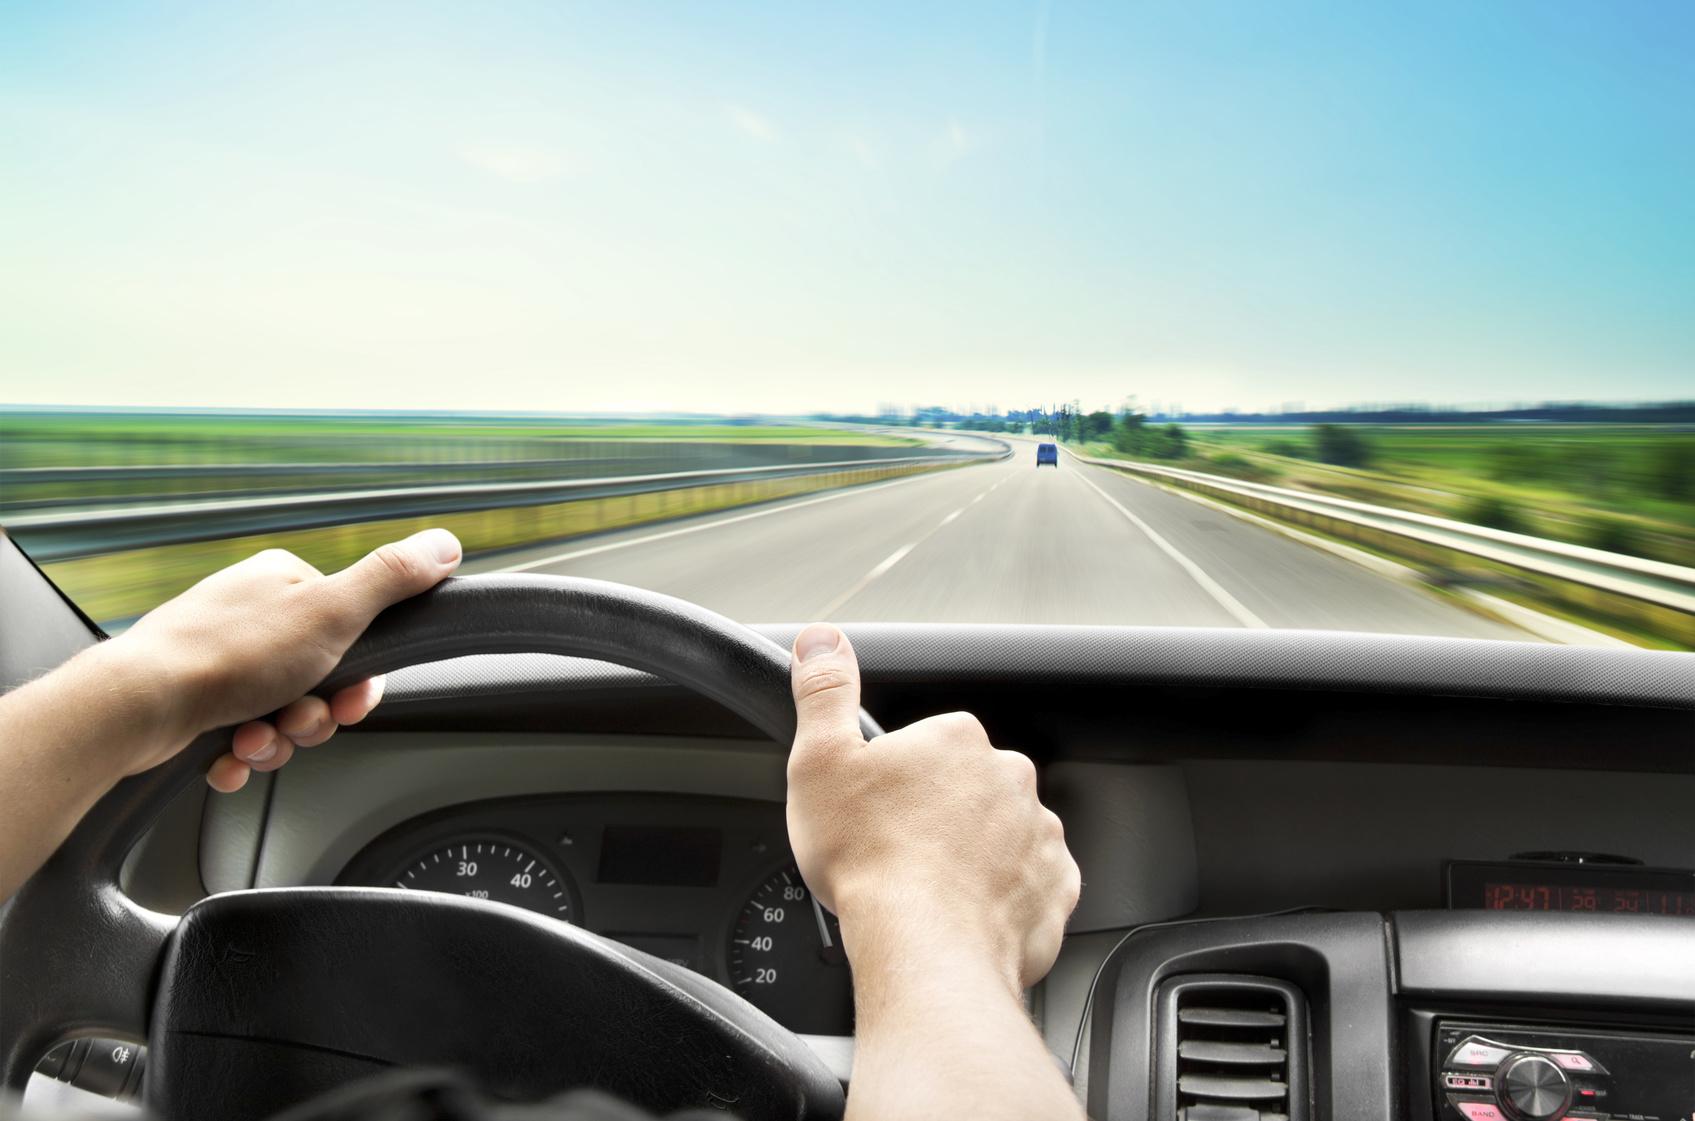 В каких случаях водитель может получить штраф за слишком низкую скорость